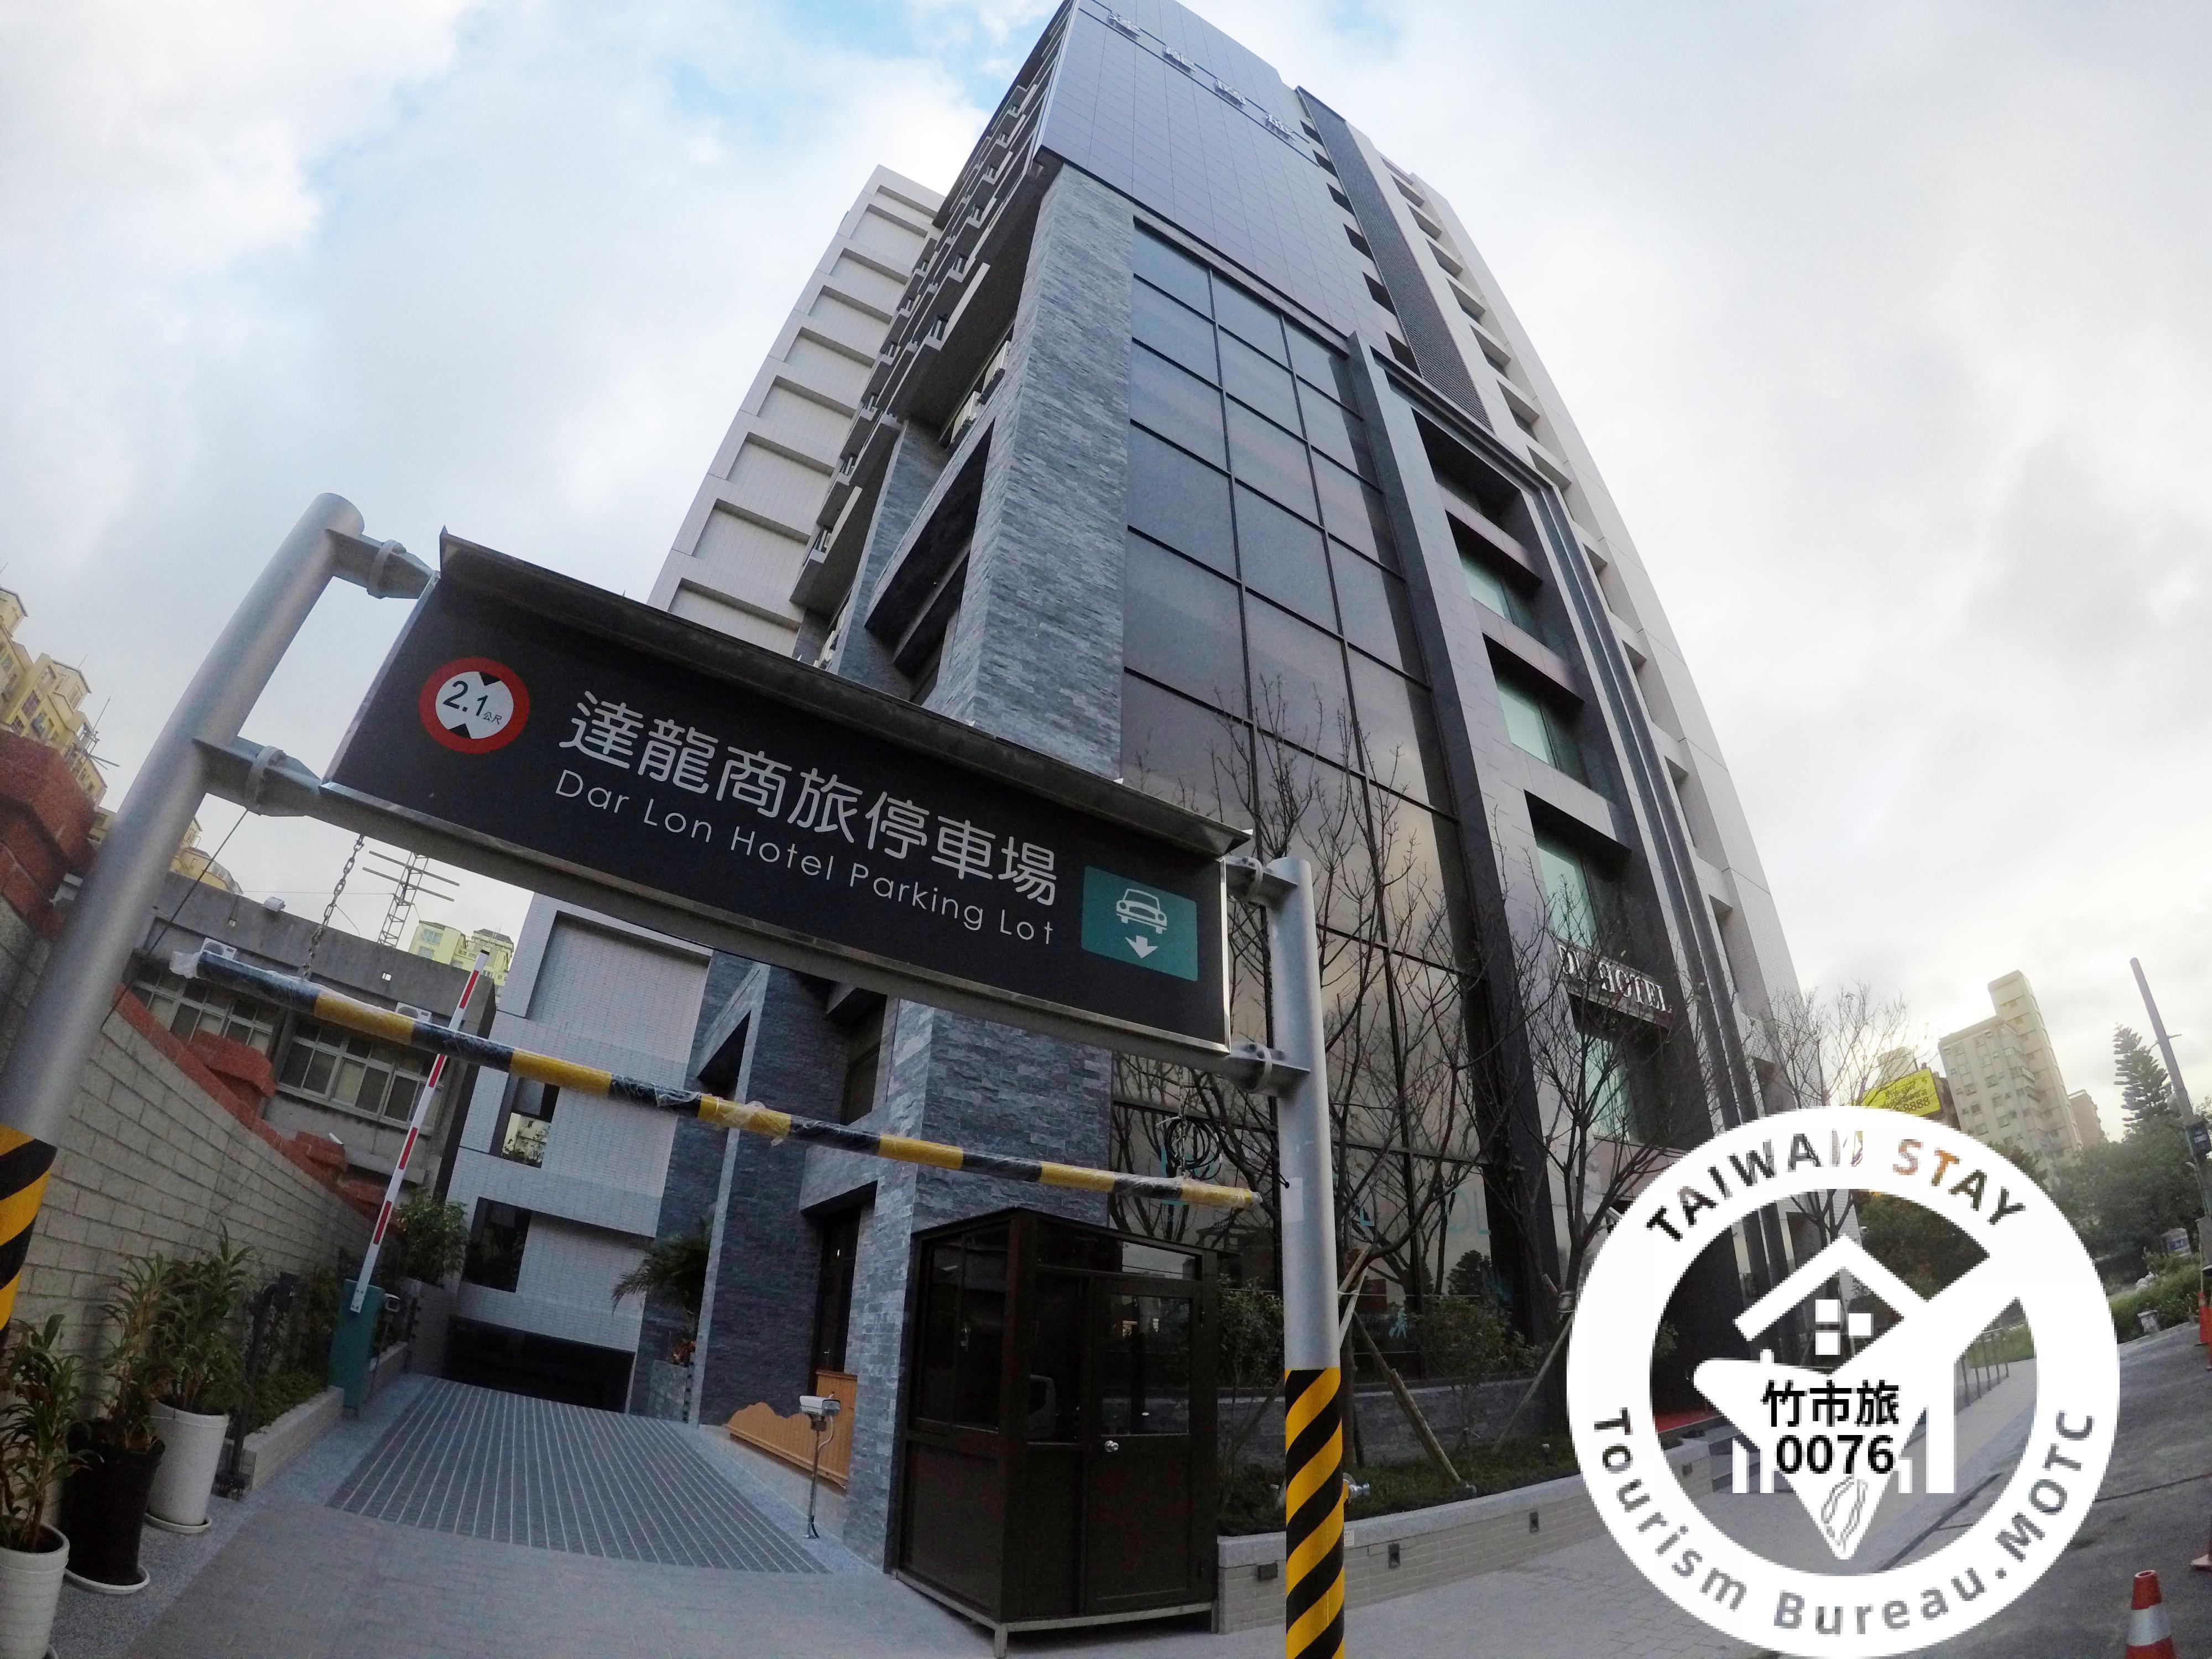 ダーロンホテル(達龍商旅)